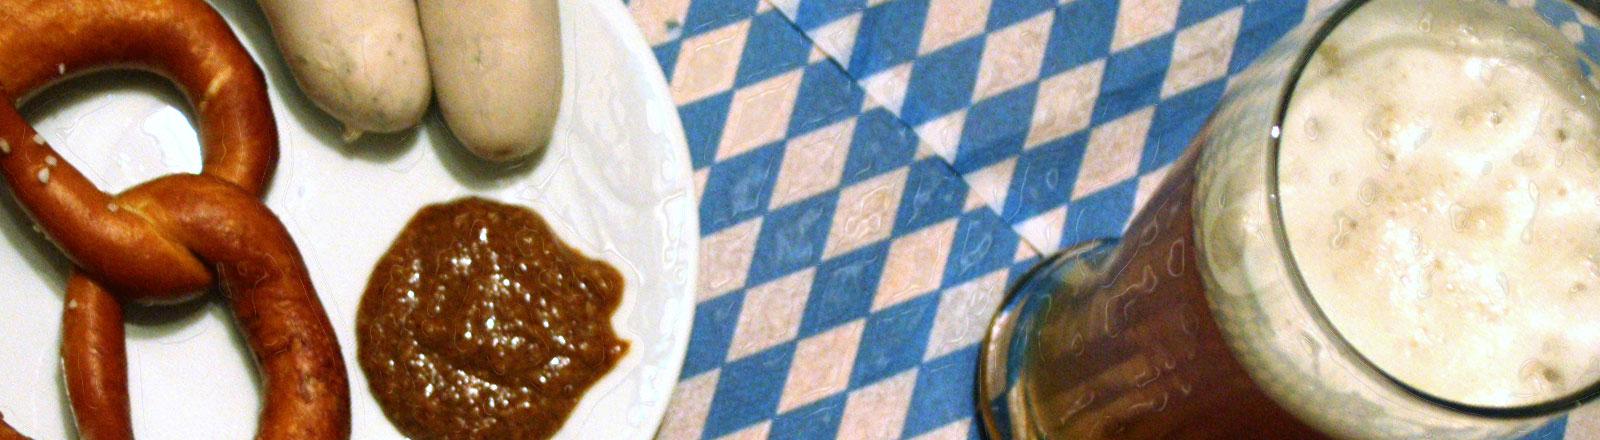 Eine bayrische Mahlzeit mit Brezel, Weißbier und Weißwürsten.